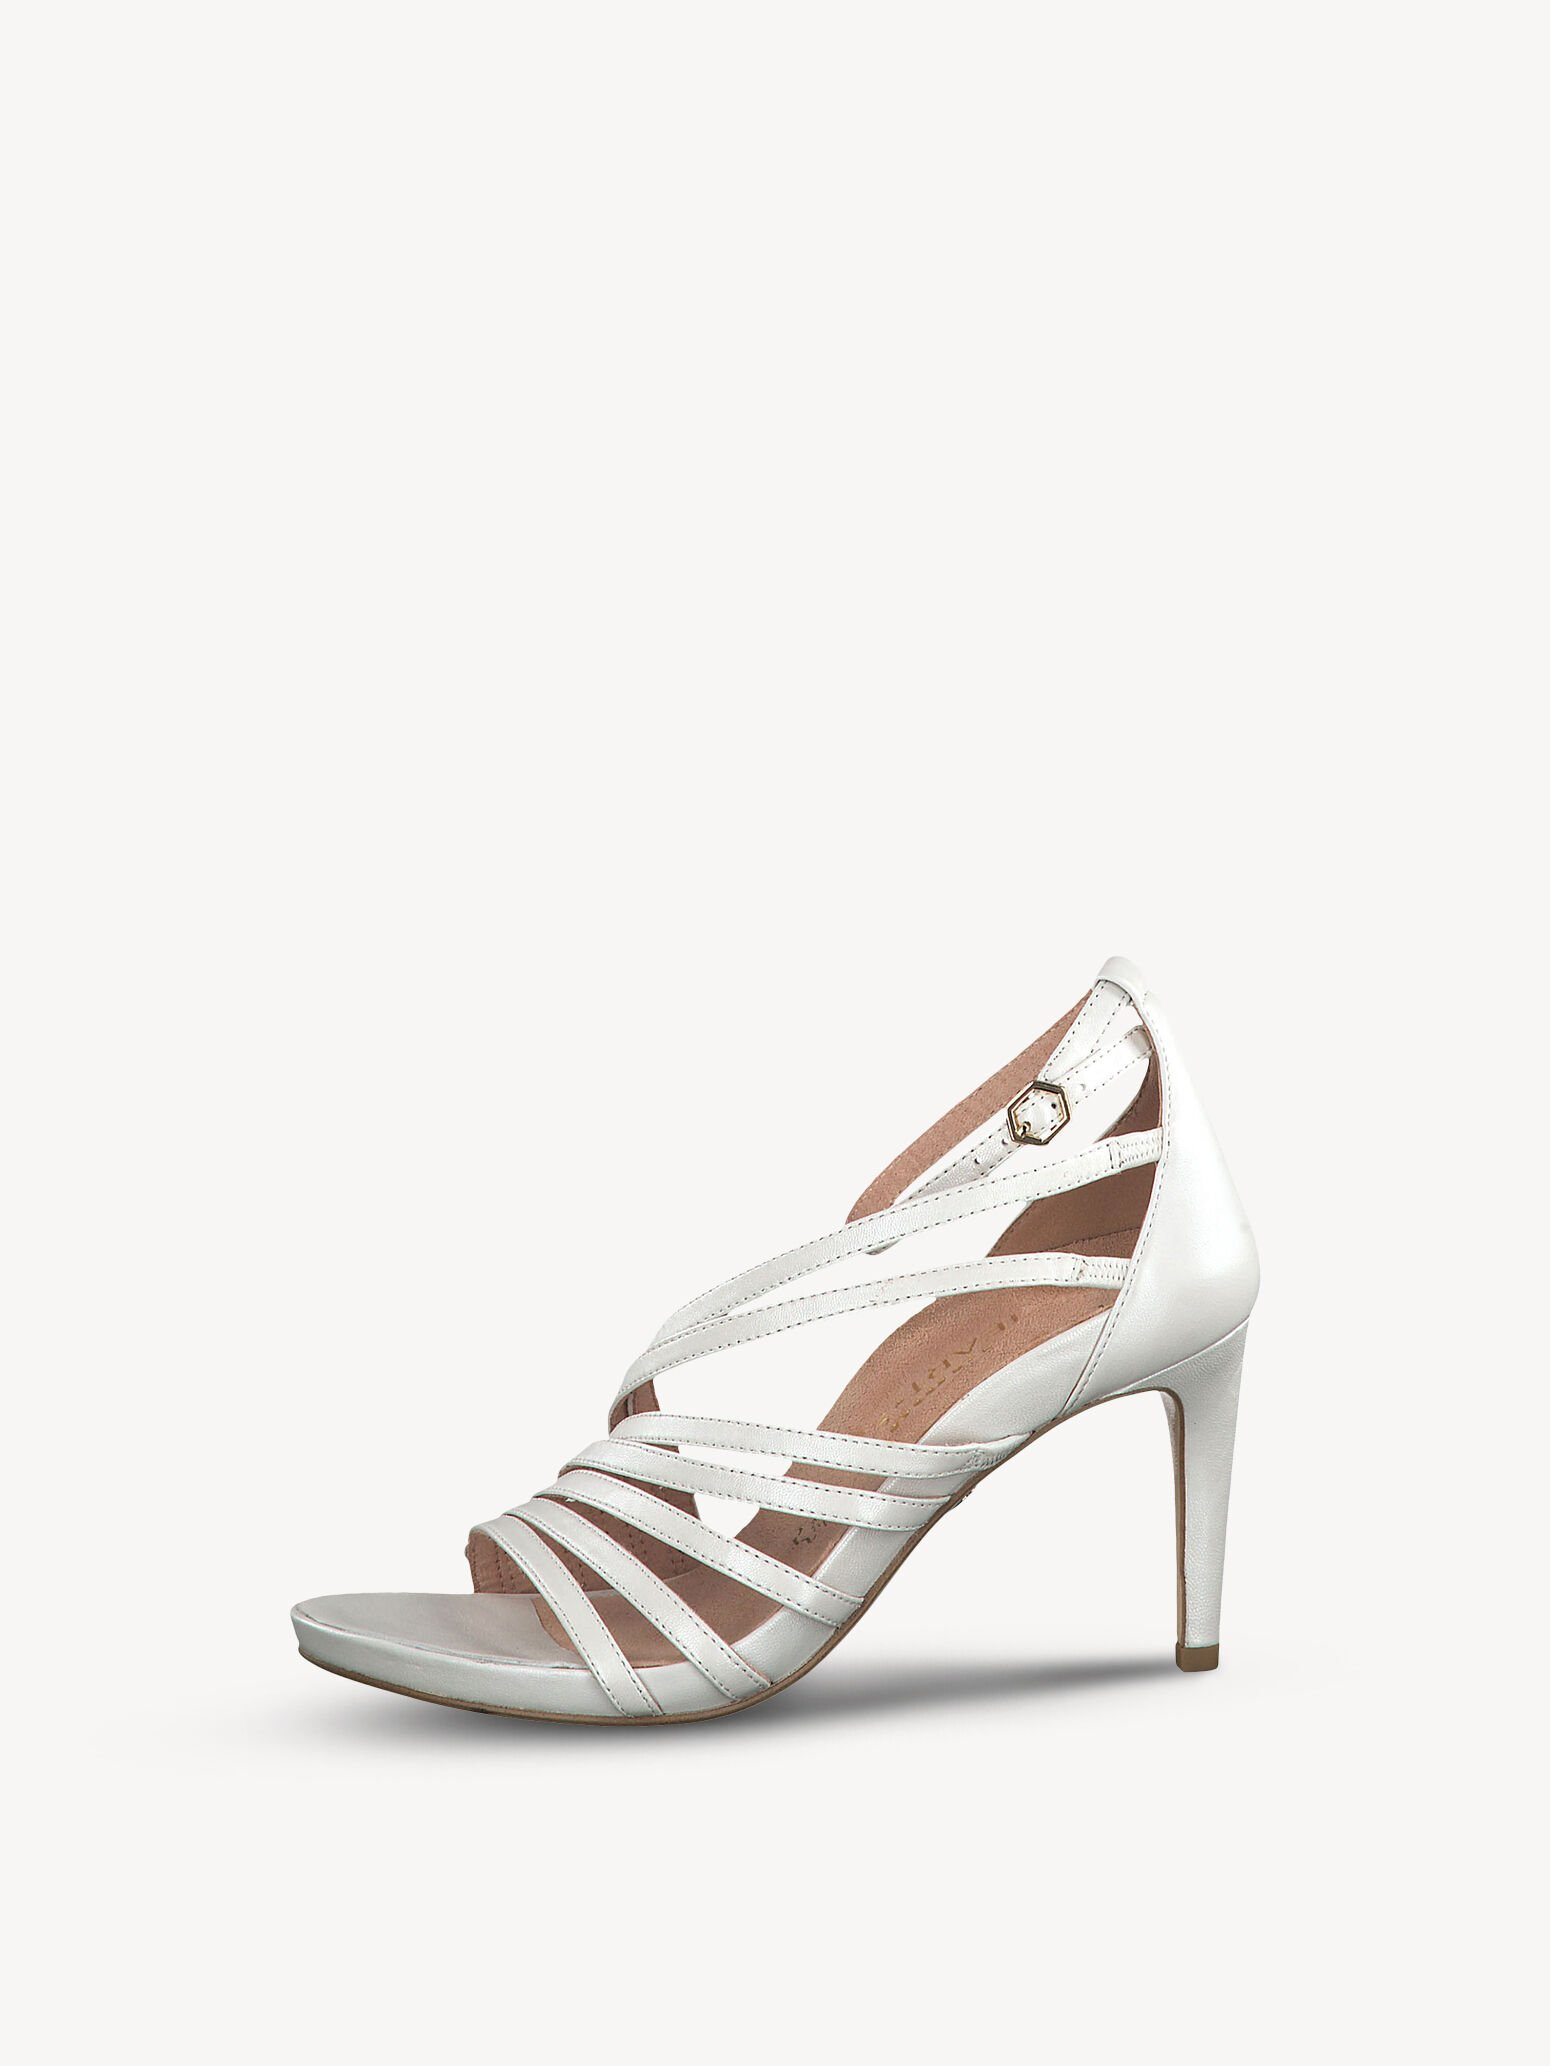 Hauts Femmes Tamaris Talons Talons Chaussures stCBQhdxr